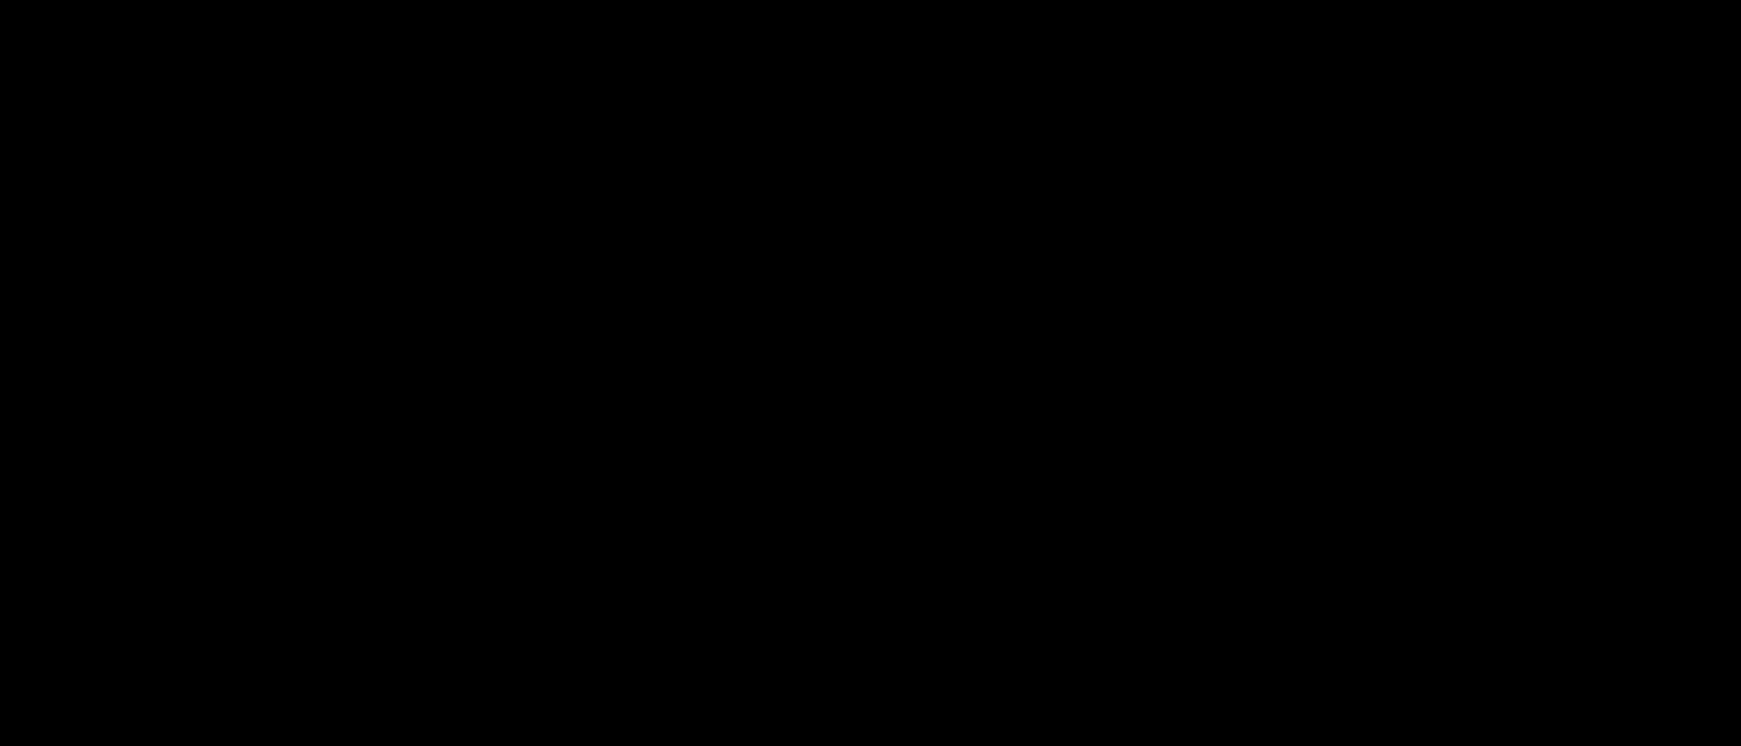 Formül Ekranı Oluşturarak Formülleri Yönetmek